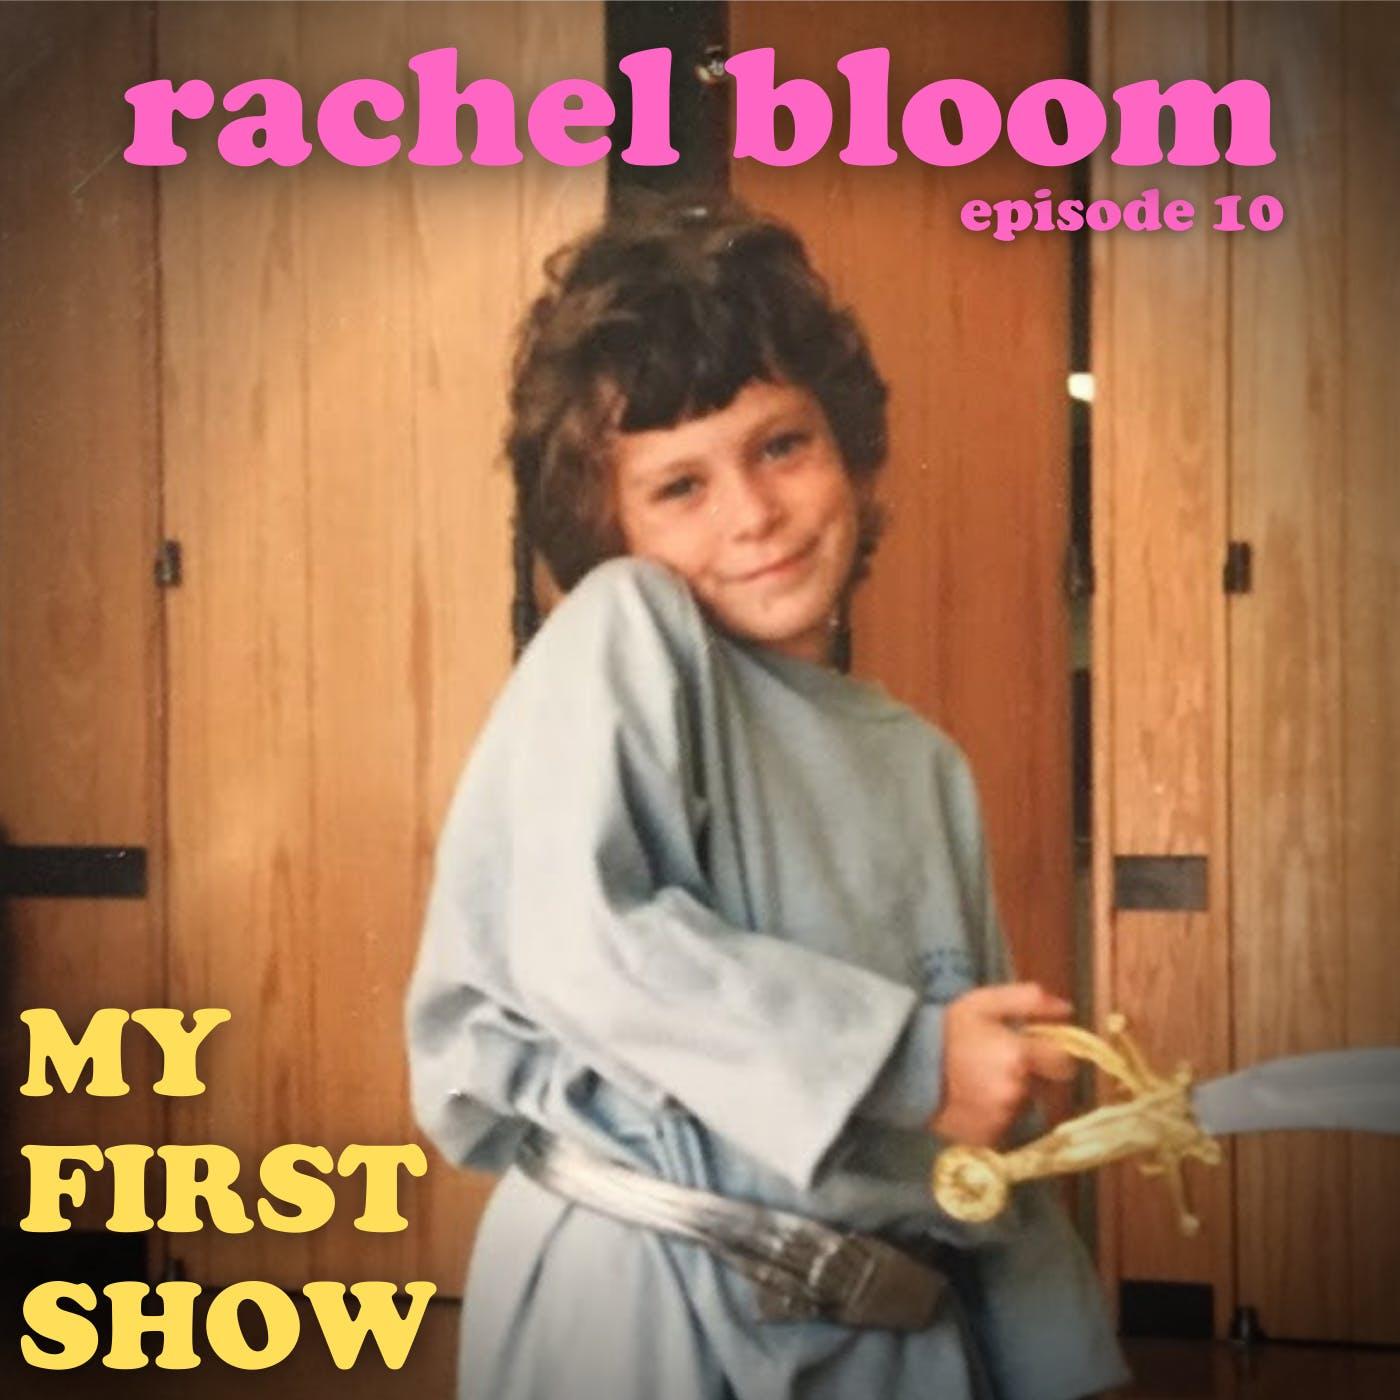 S1/Ep10: Rachel Bloom